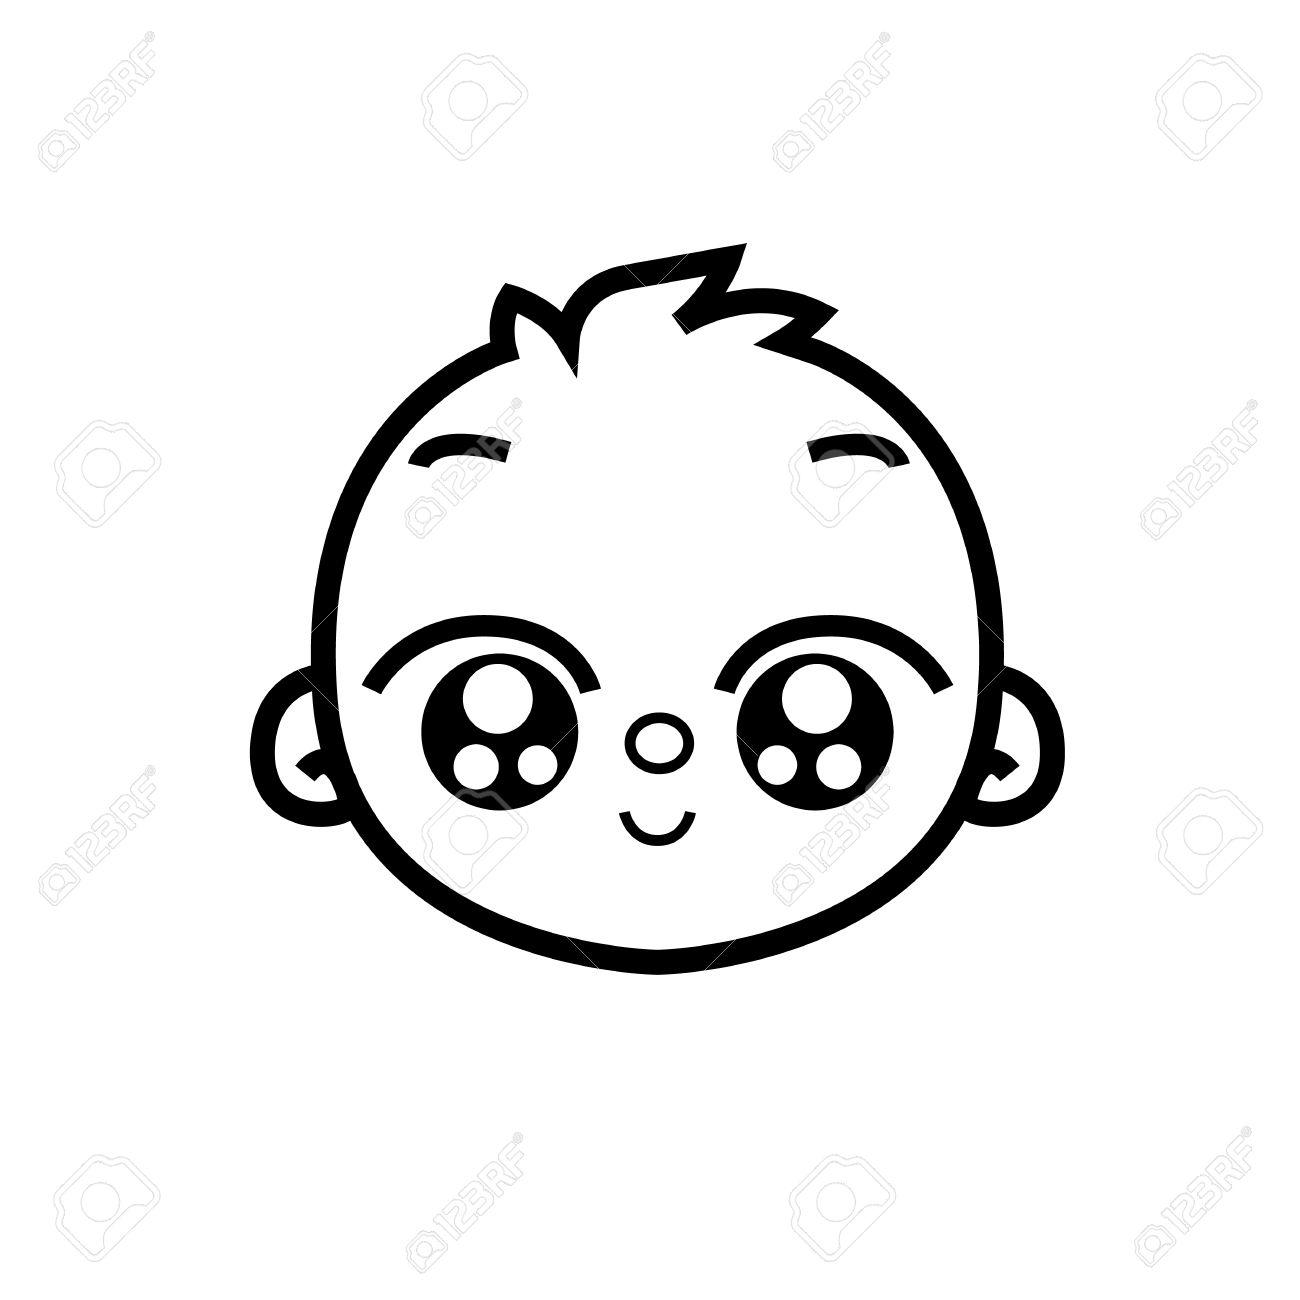 Faccia Neonata Neonato Ragazzo Carino Faccia Sorriso Figura Stilizzata Vettore è Utile Per Segni Puntatori Come Segnaletica